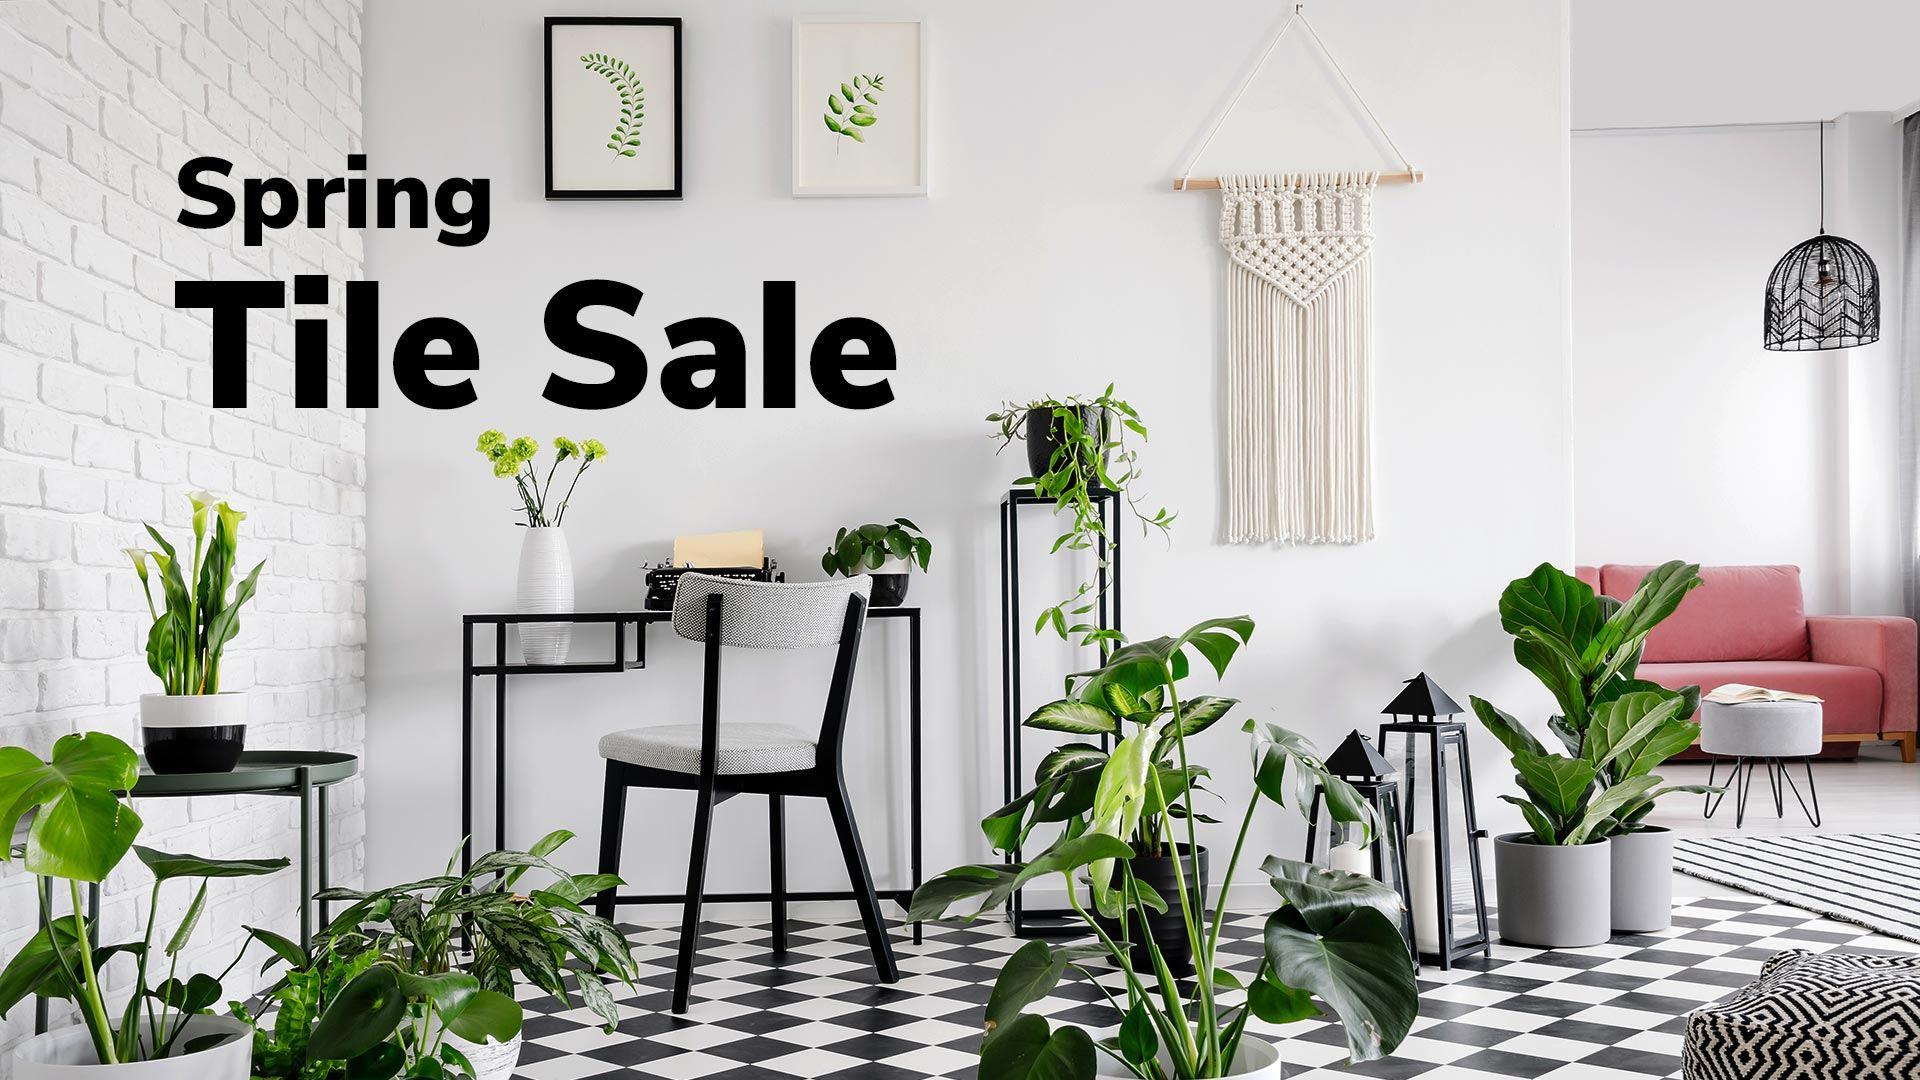 Spring Tile Sales